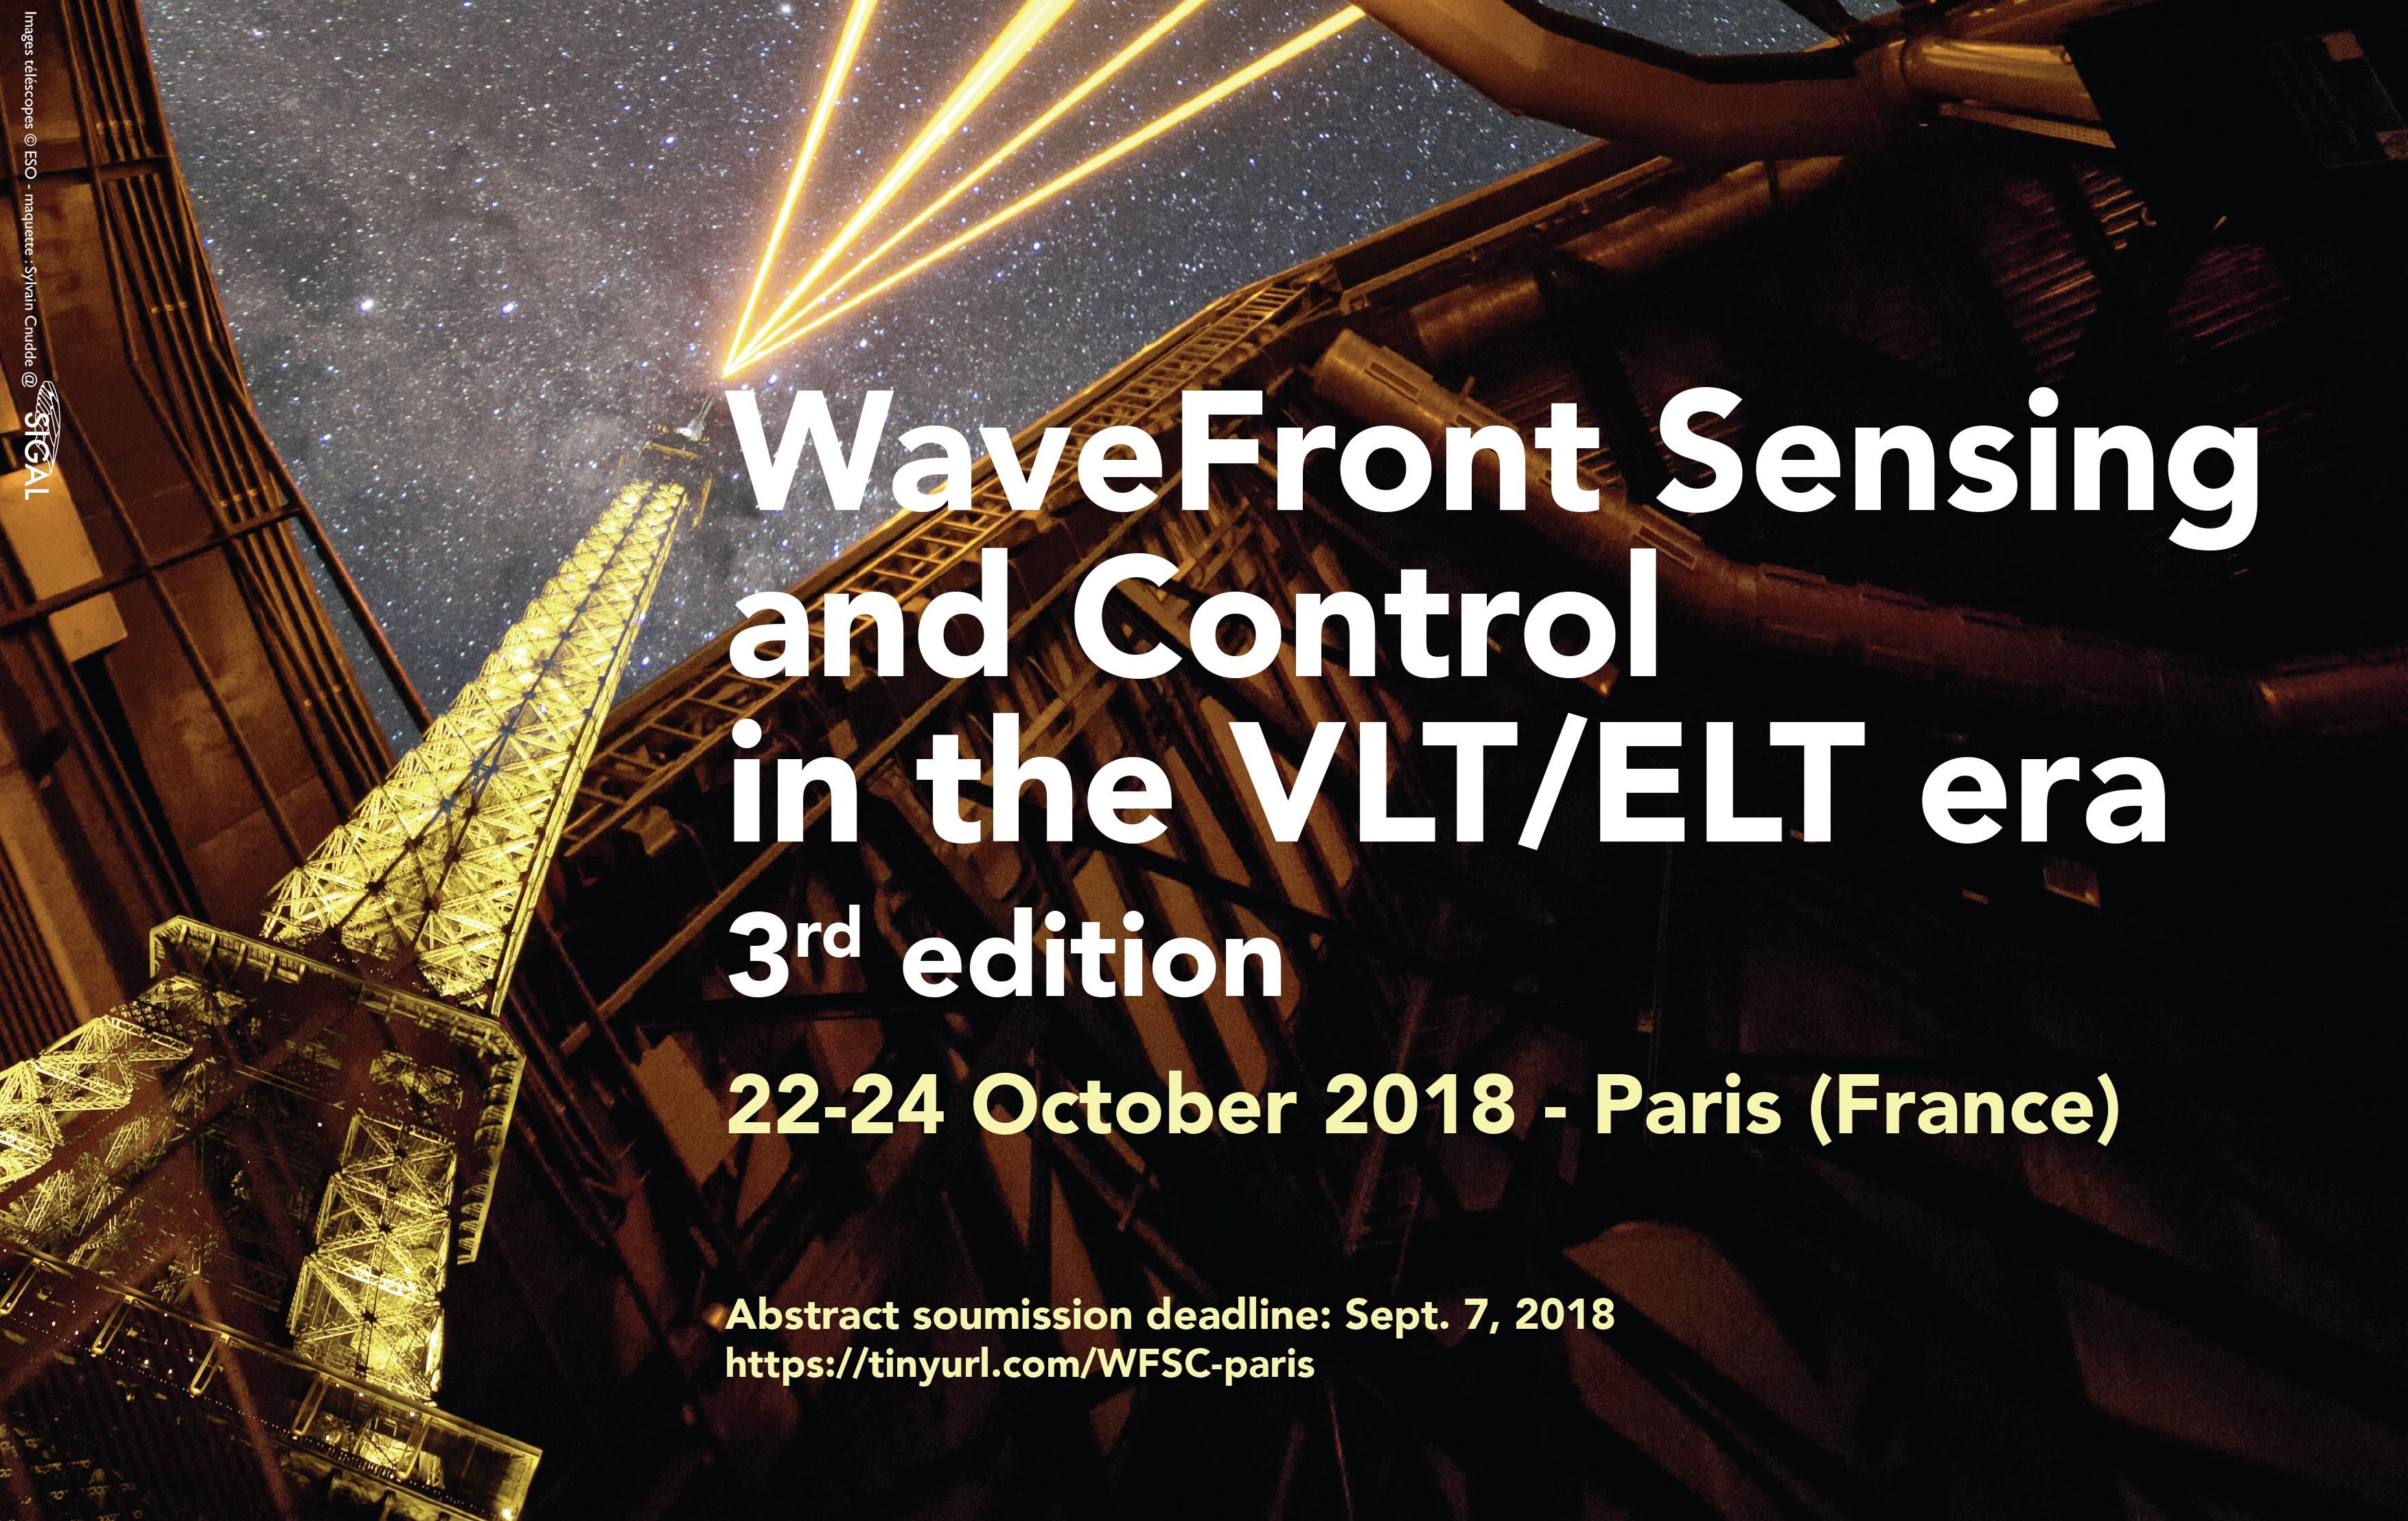 WAVEFRONT SENSING AND CONTROL IN THE VLT/ELT ERA - 3d edition